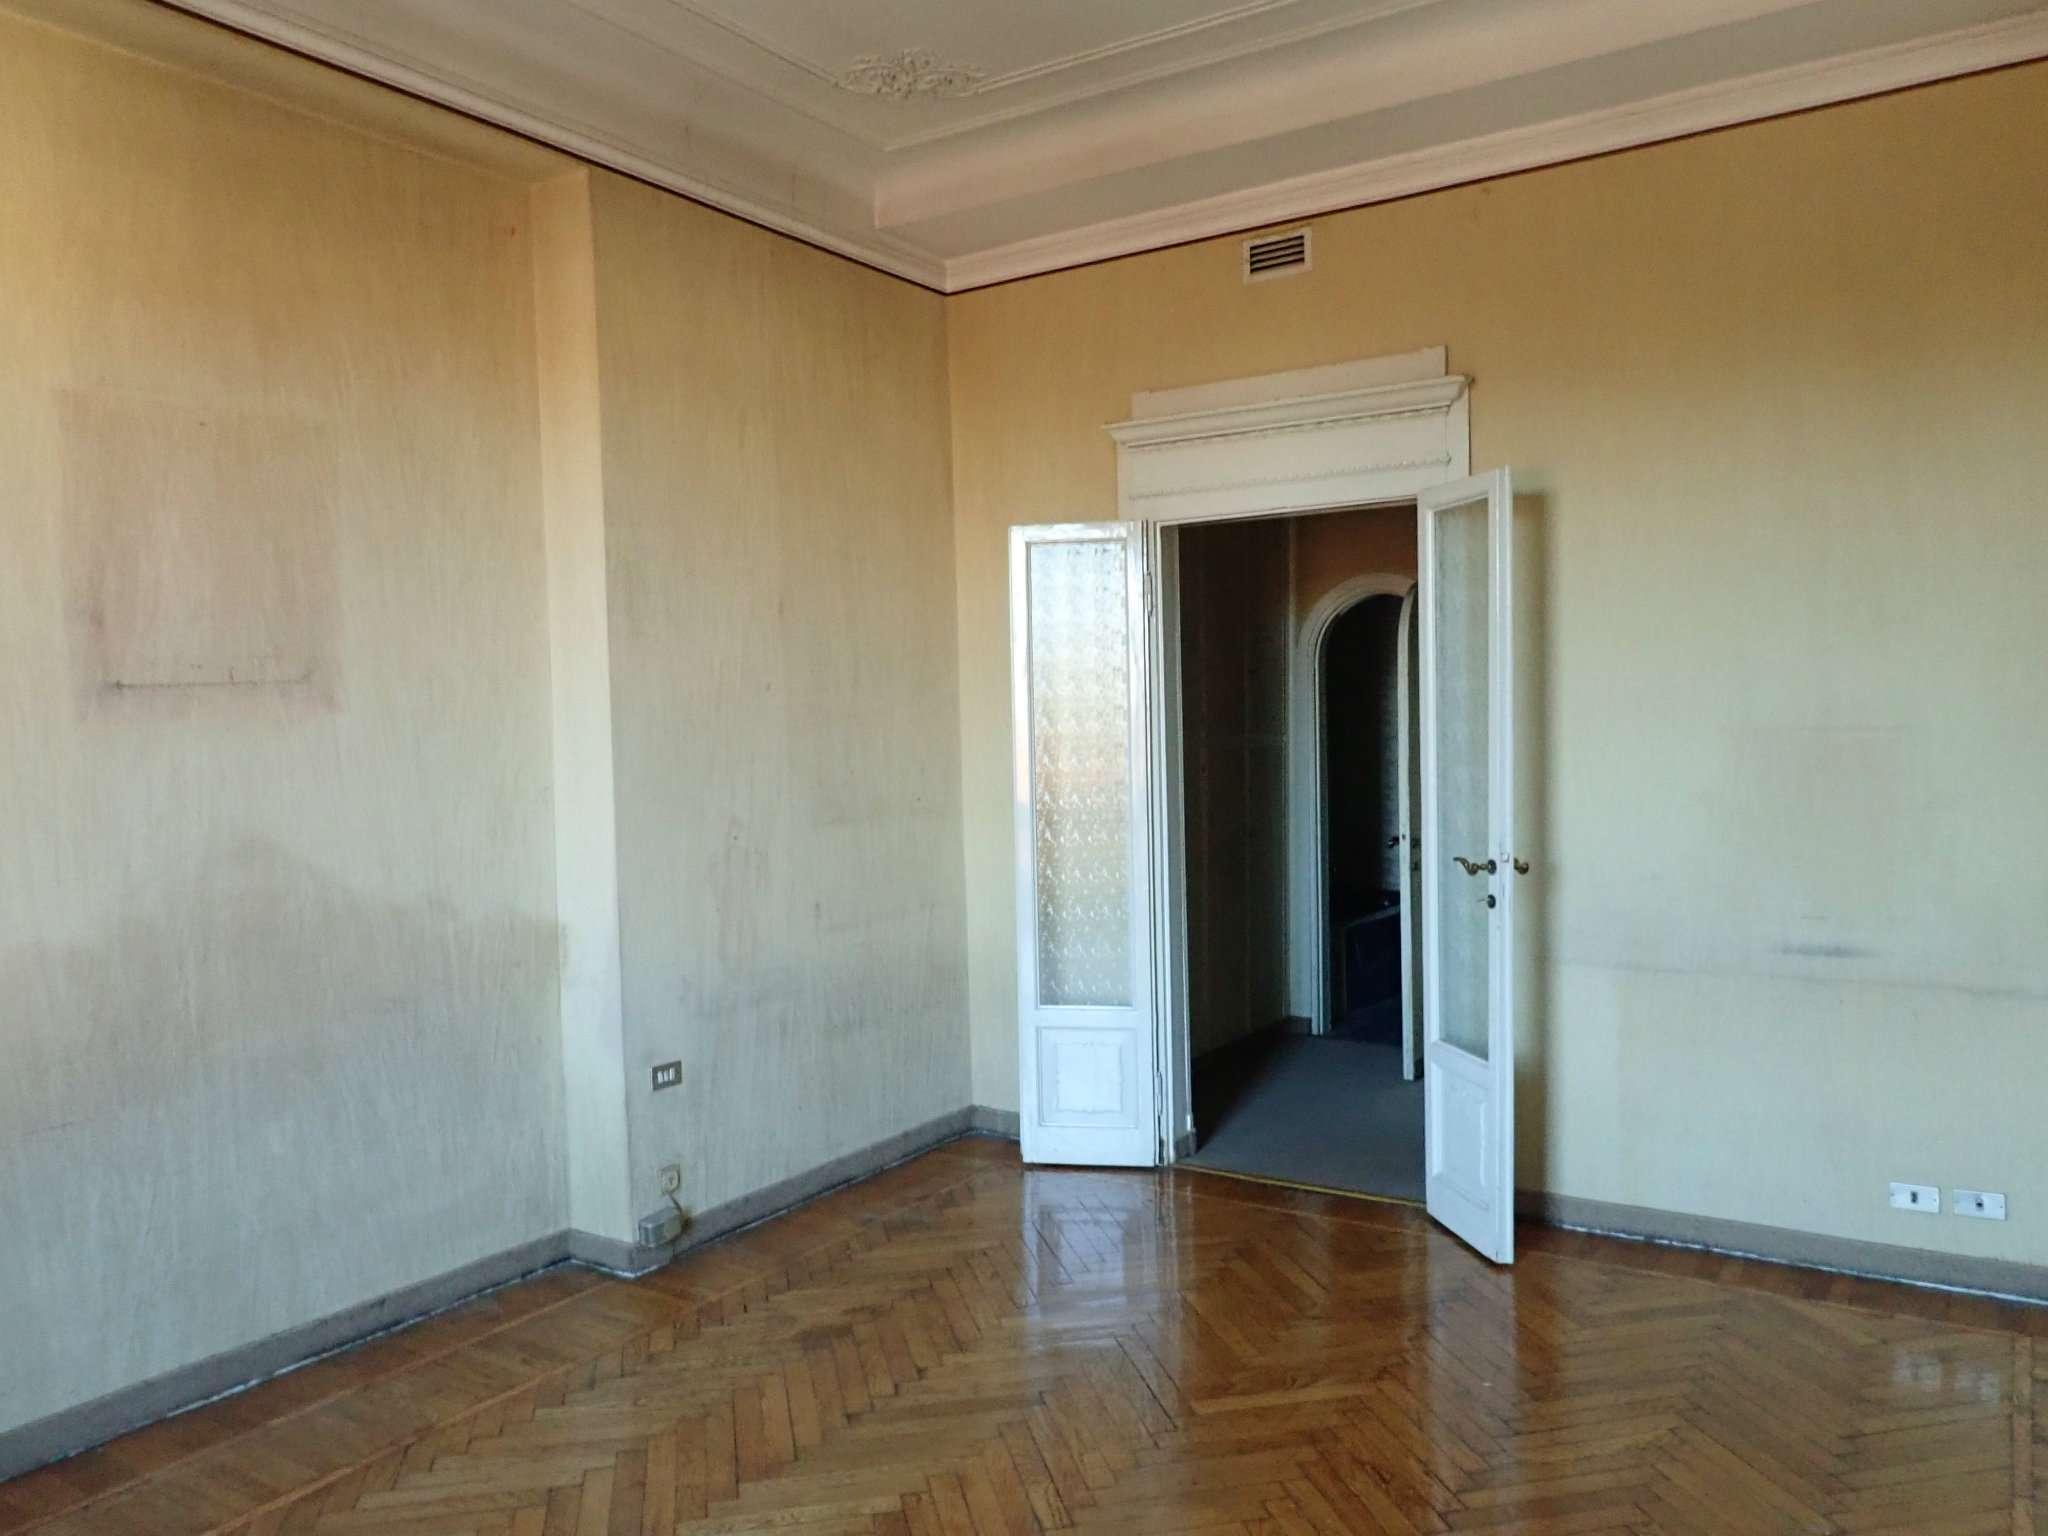 Appartamento in Vendita a Milano: 5 locali, 235 mq - Foto 13